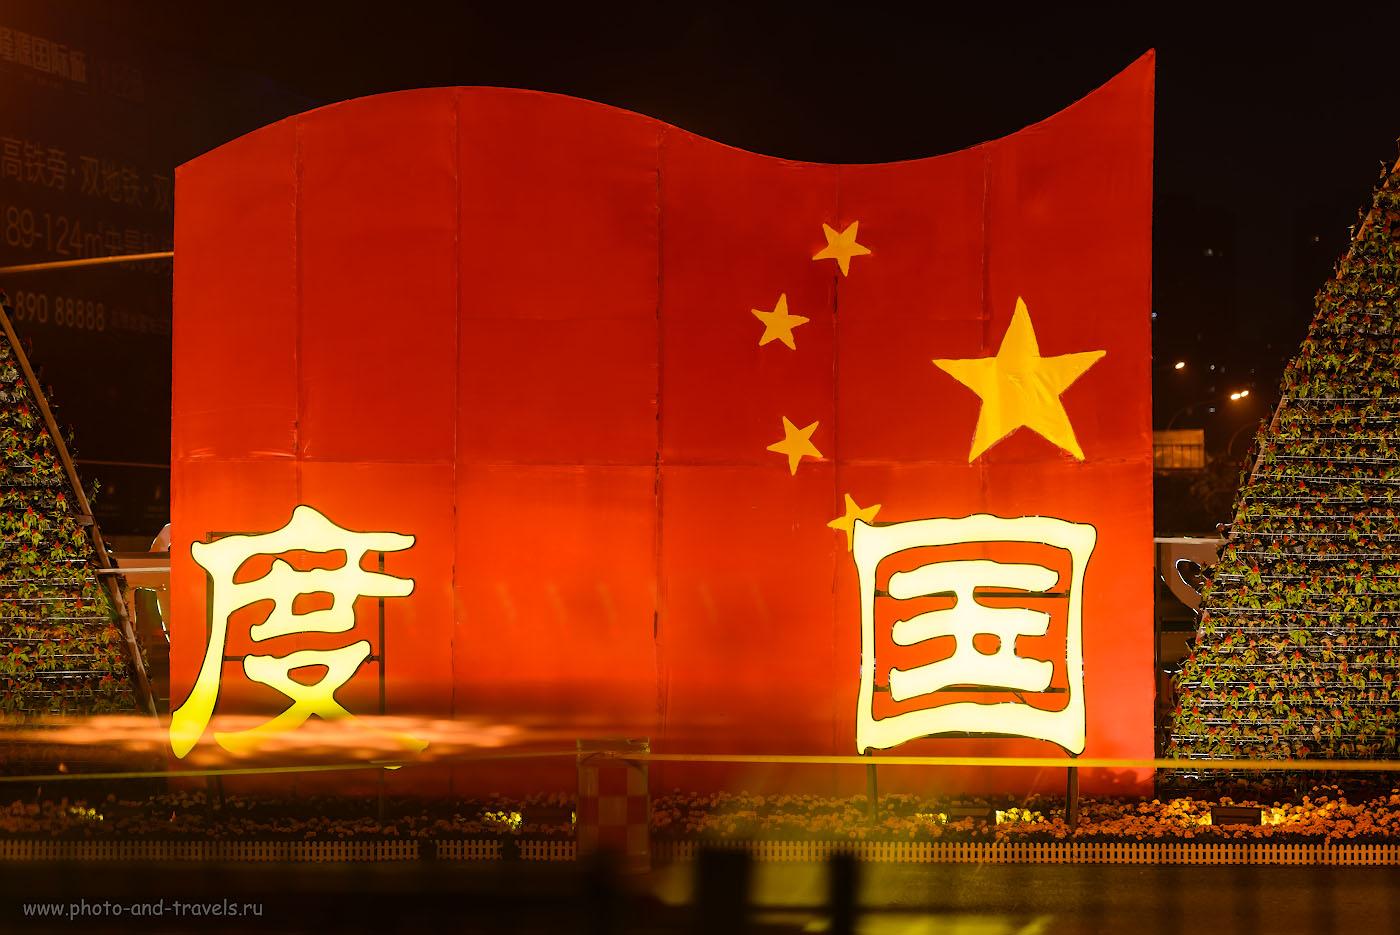 Фото 31. Китайская Народная Республика совершила то, что не смог СССР: прорыв в экономике при сохранении коммунистической партии как руководящего органа.